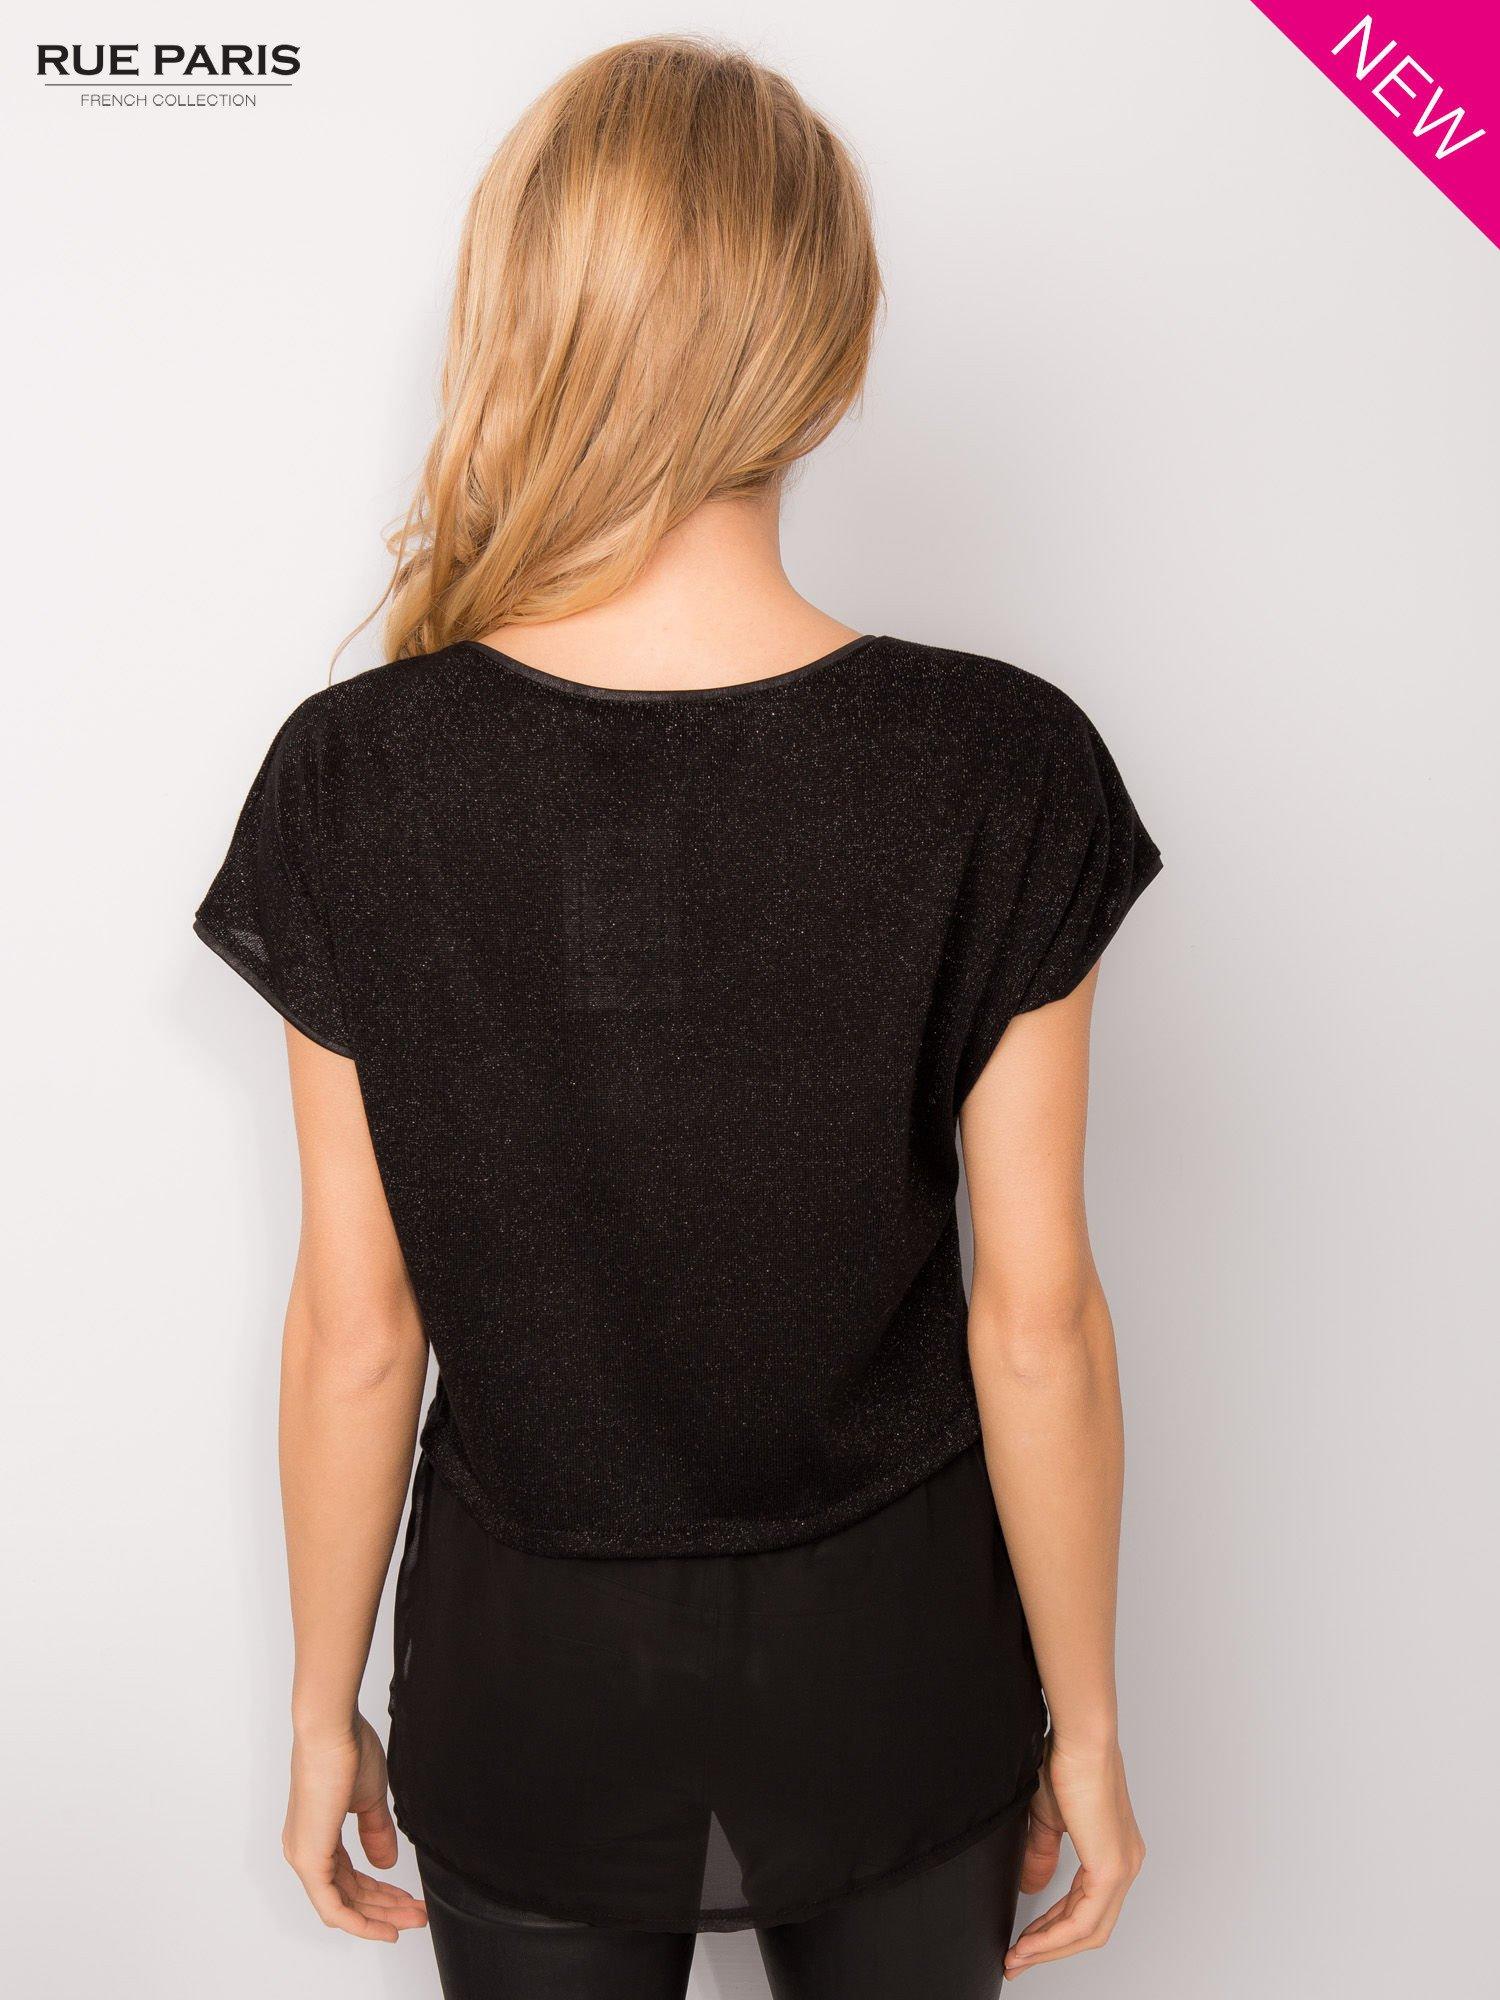 T-shirt z łączonych materiałów z dłuższym tyłem-mgiełką                                  zdj.                                  4